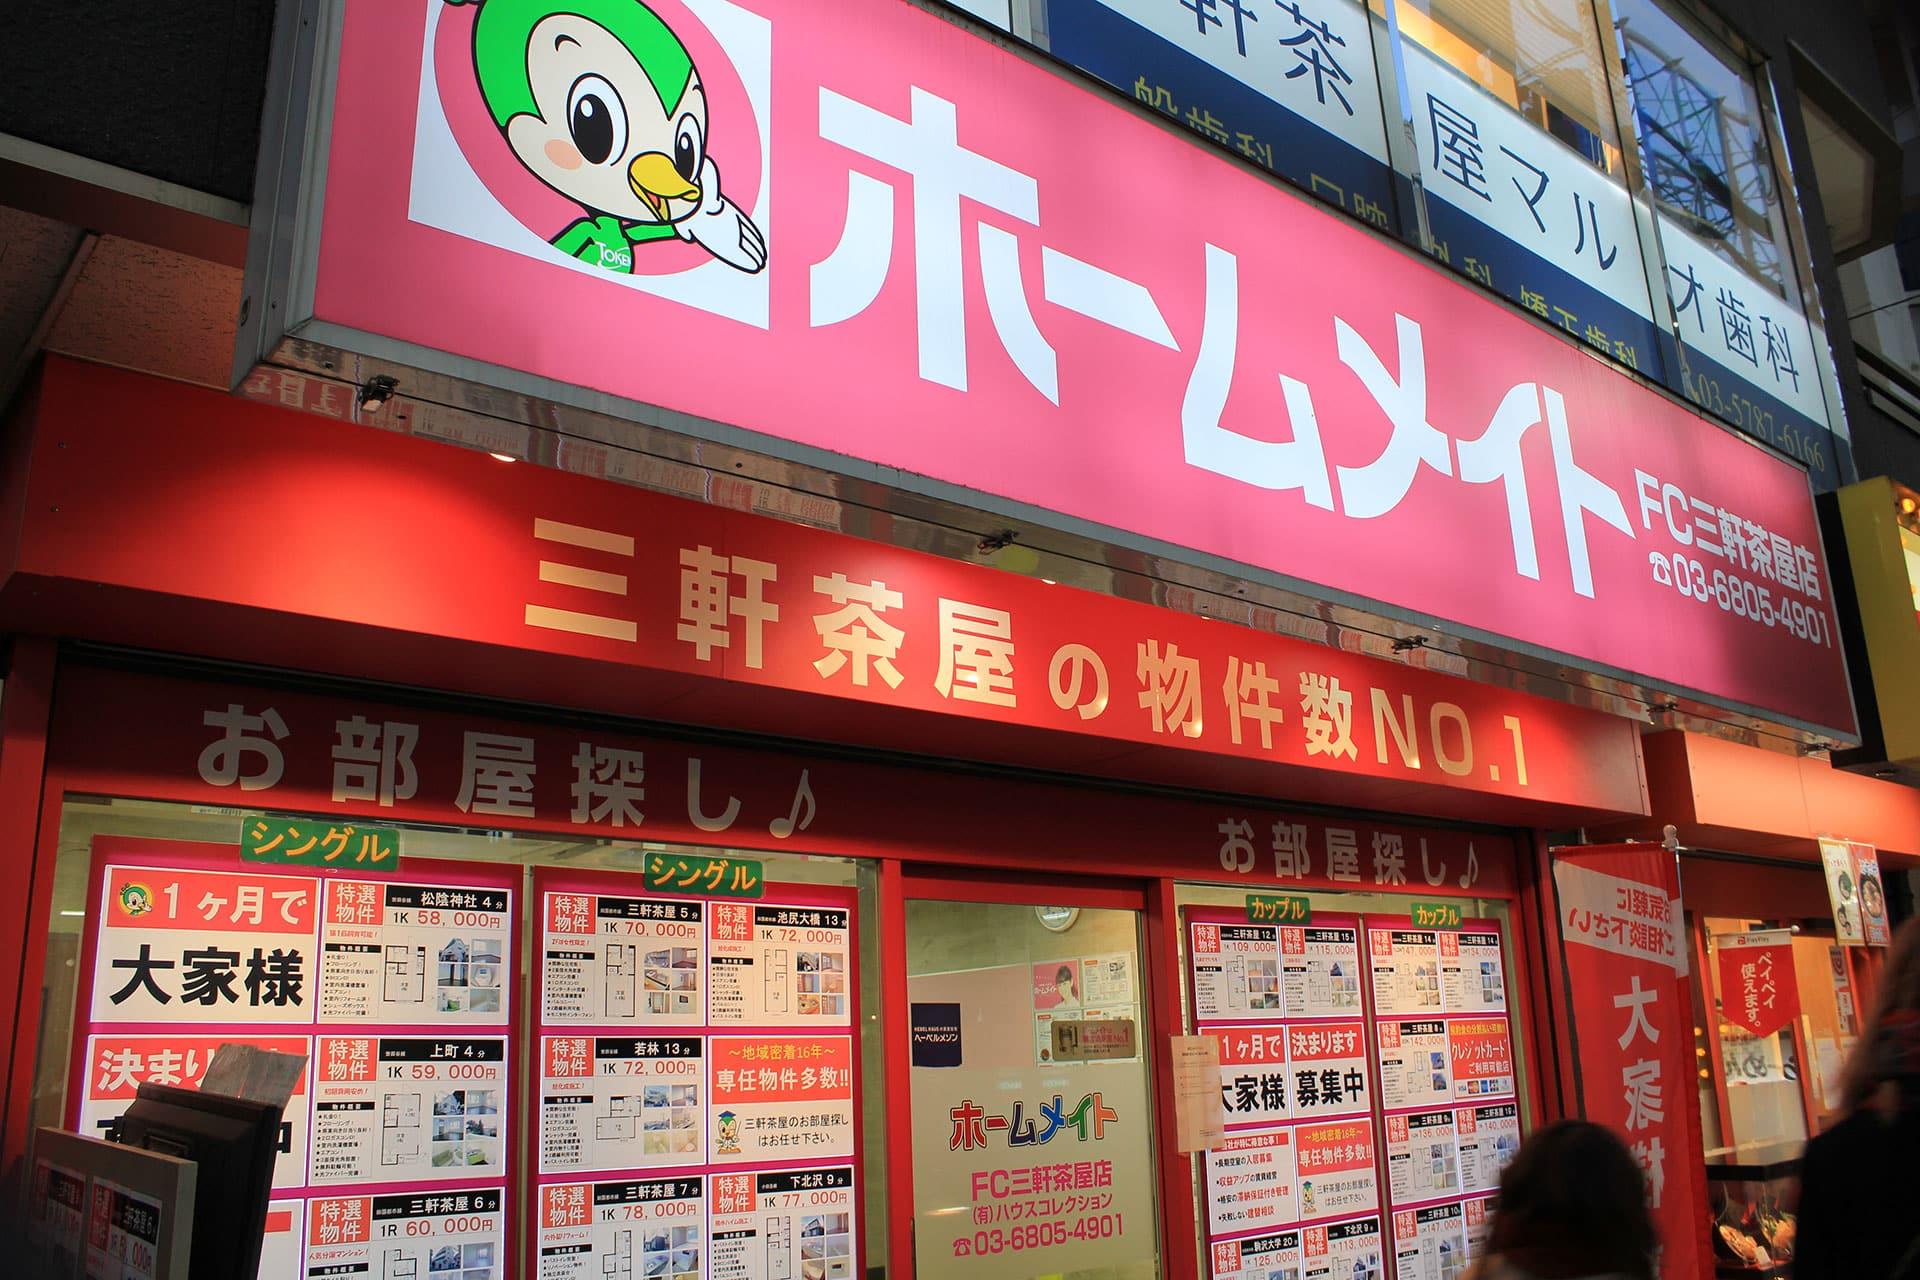 ホームメイトFC三軒茶屋店 (有)ハウスコレクション